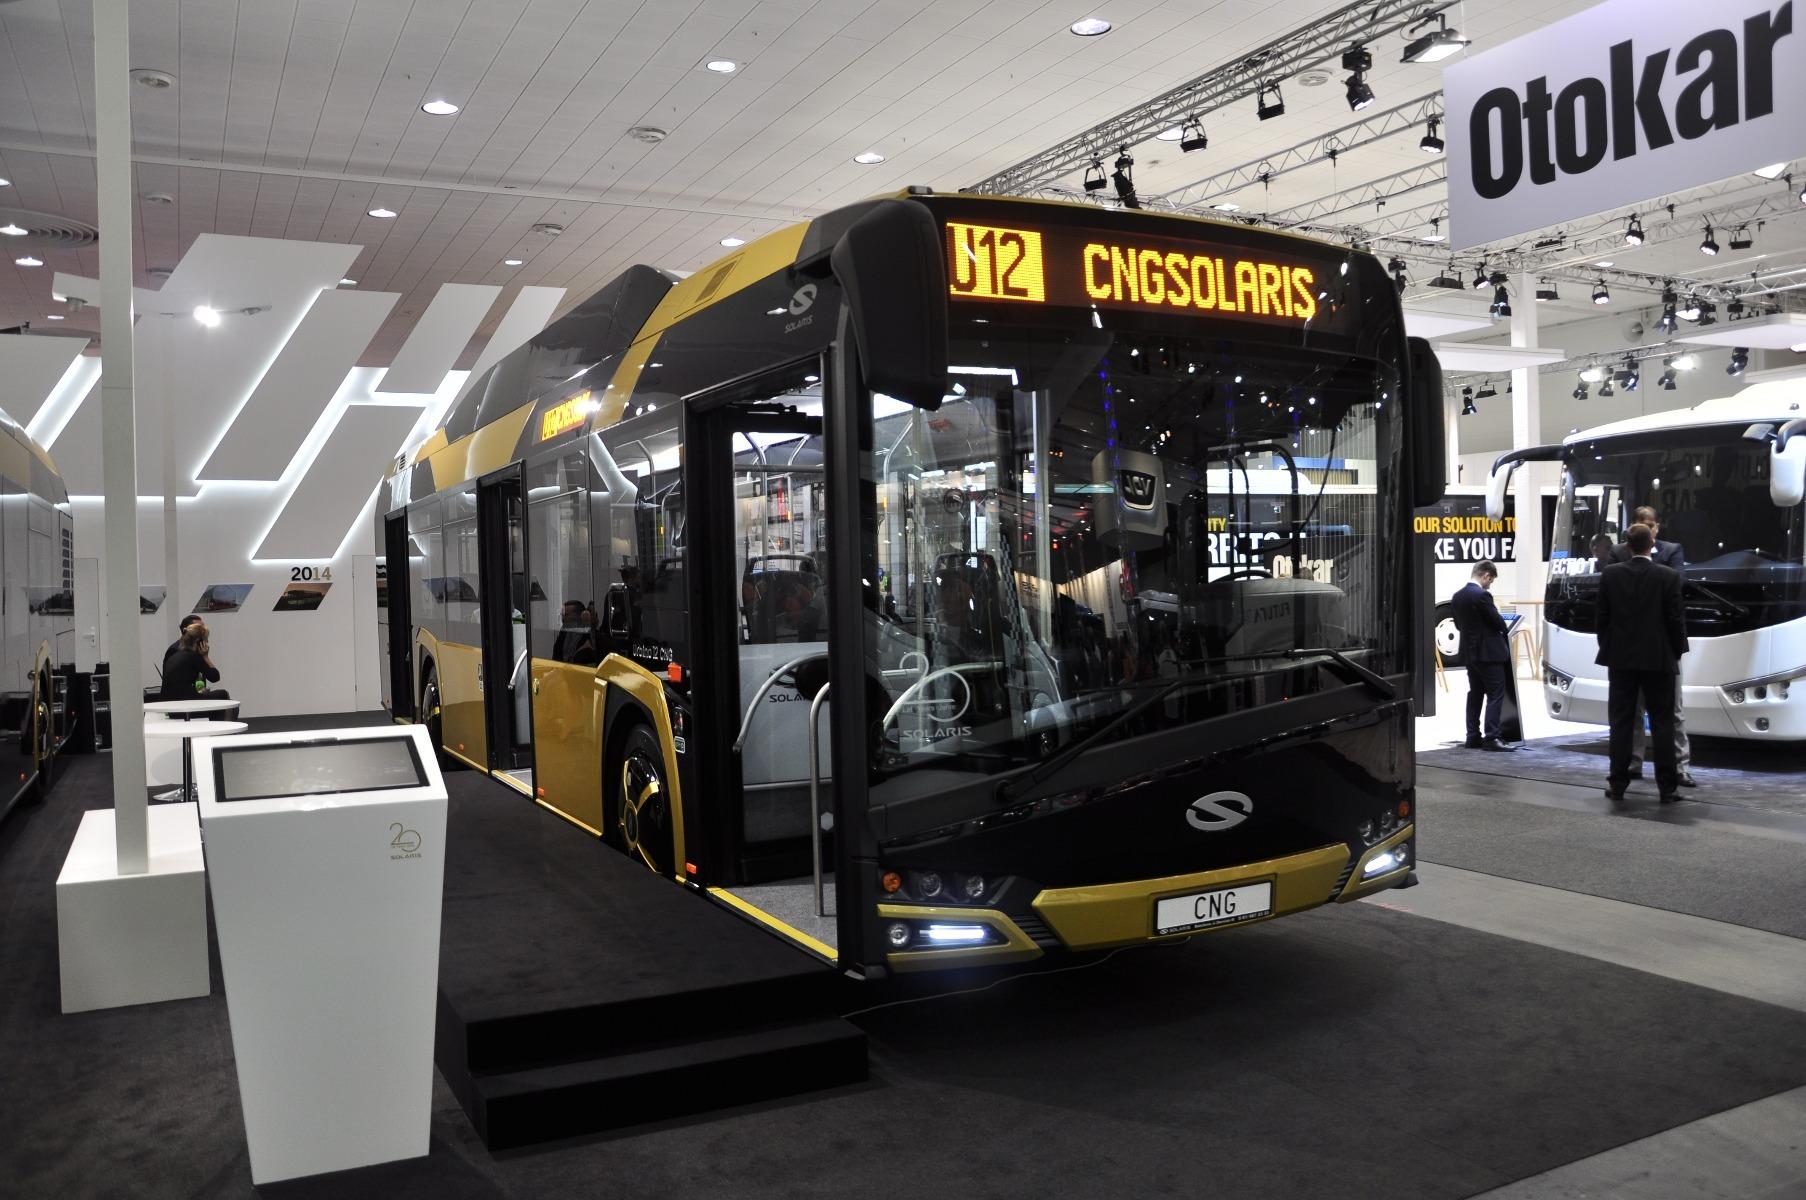 A Solaris Urbino 12 CNG hátuljában 320 lóerős, Euro 6-os, sűrített földgázzal üzemelő Cummins erőforrás dolgozik